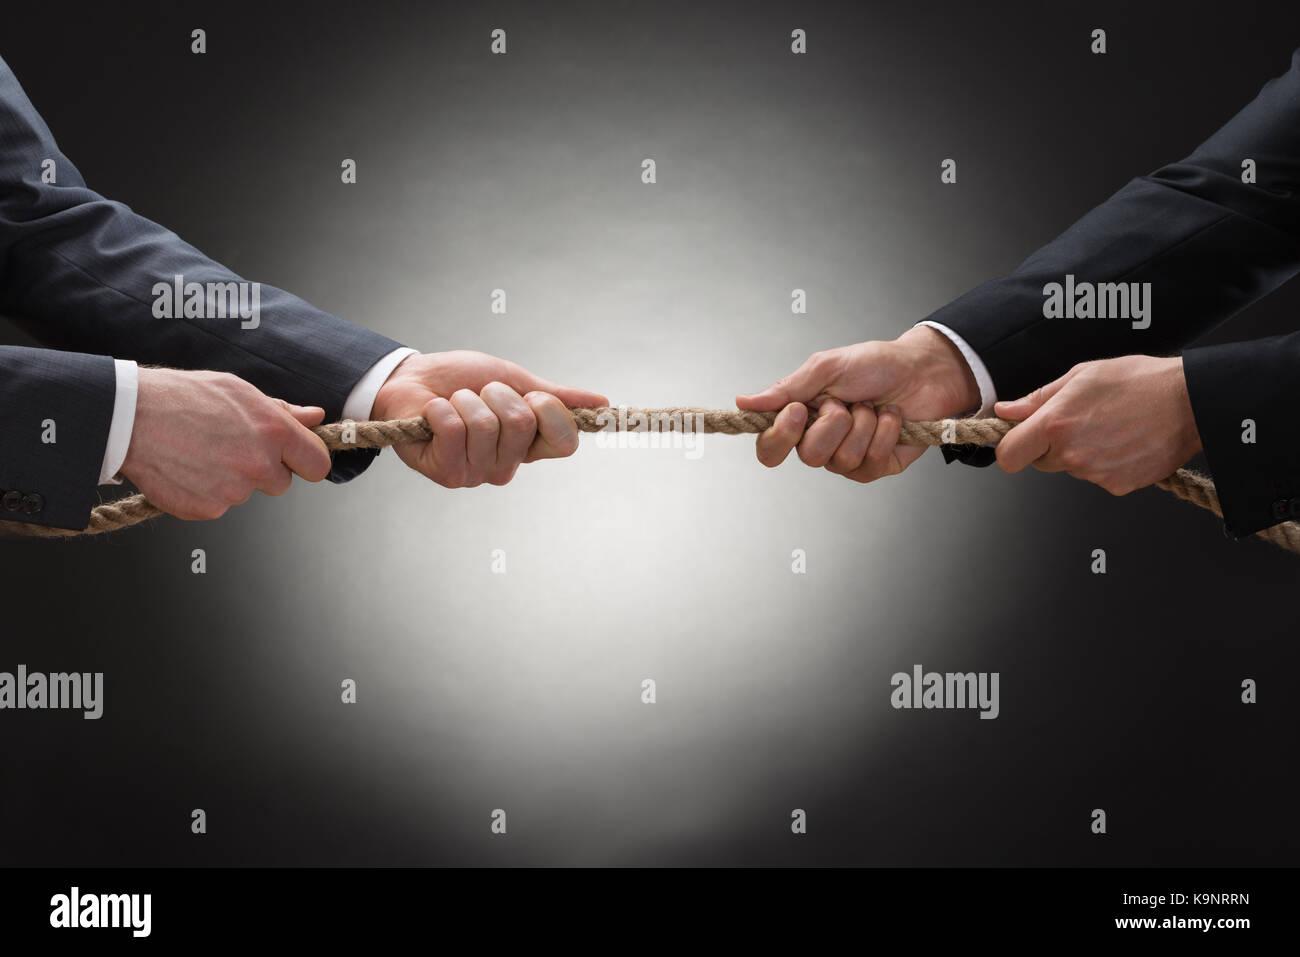 Close-up of a deux businessman pulling la corde dans l'autre sens Photo Stock